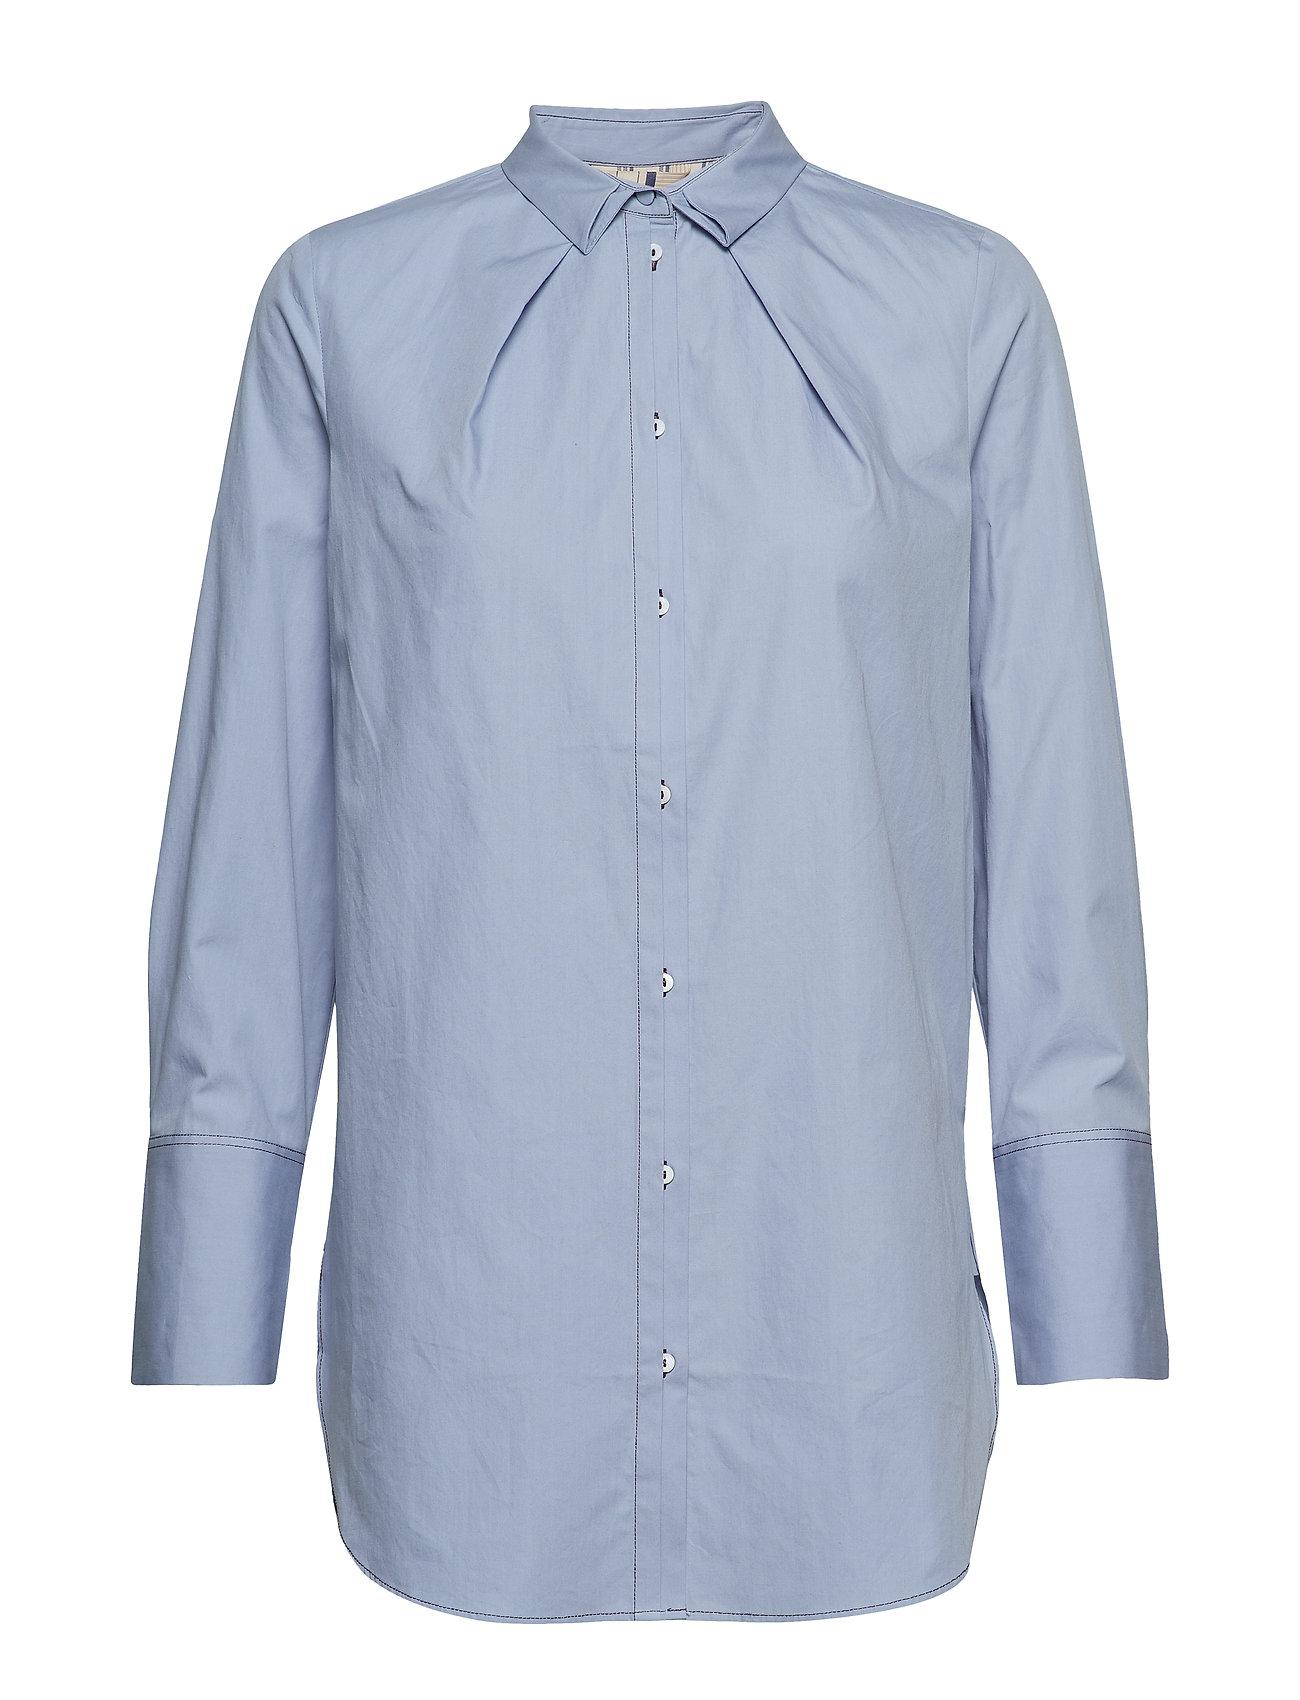 Noa Noa Shirt - ZEN BLUE